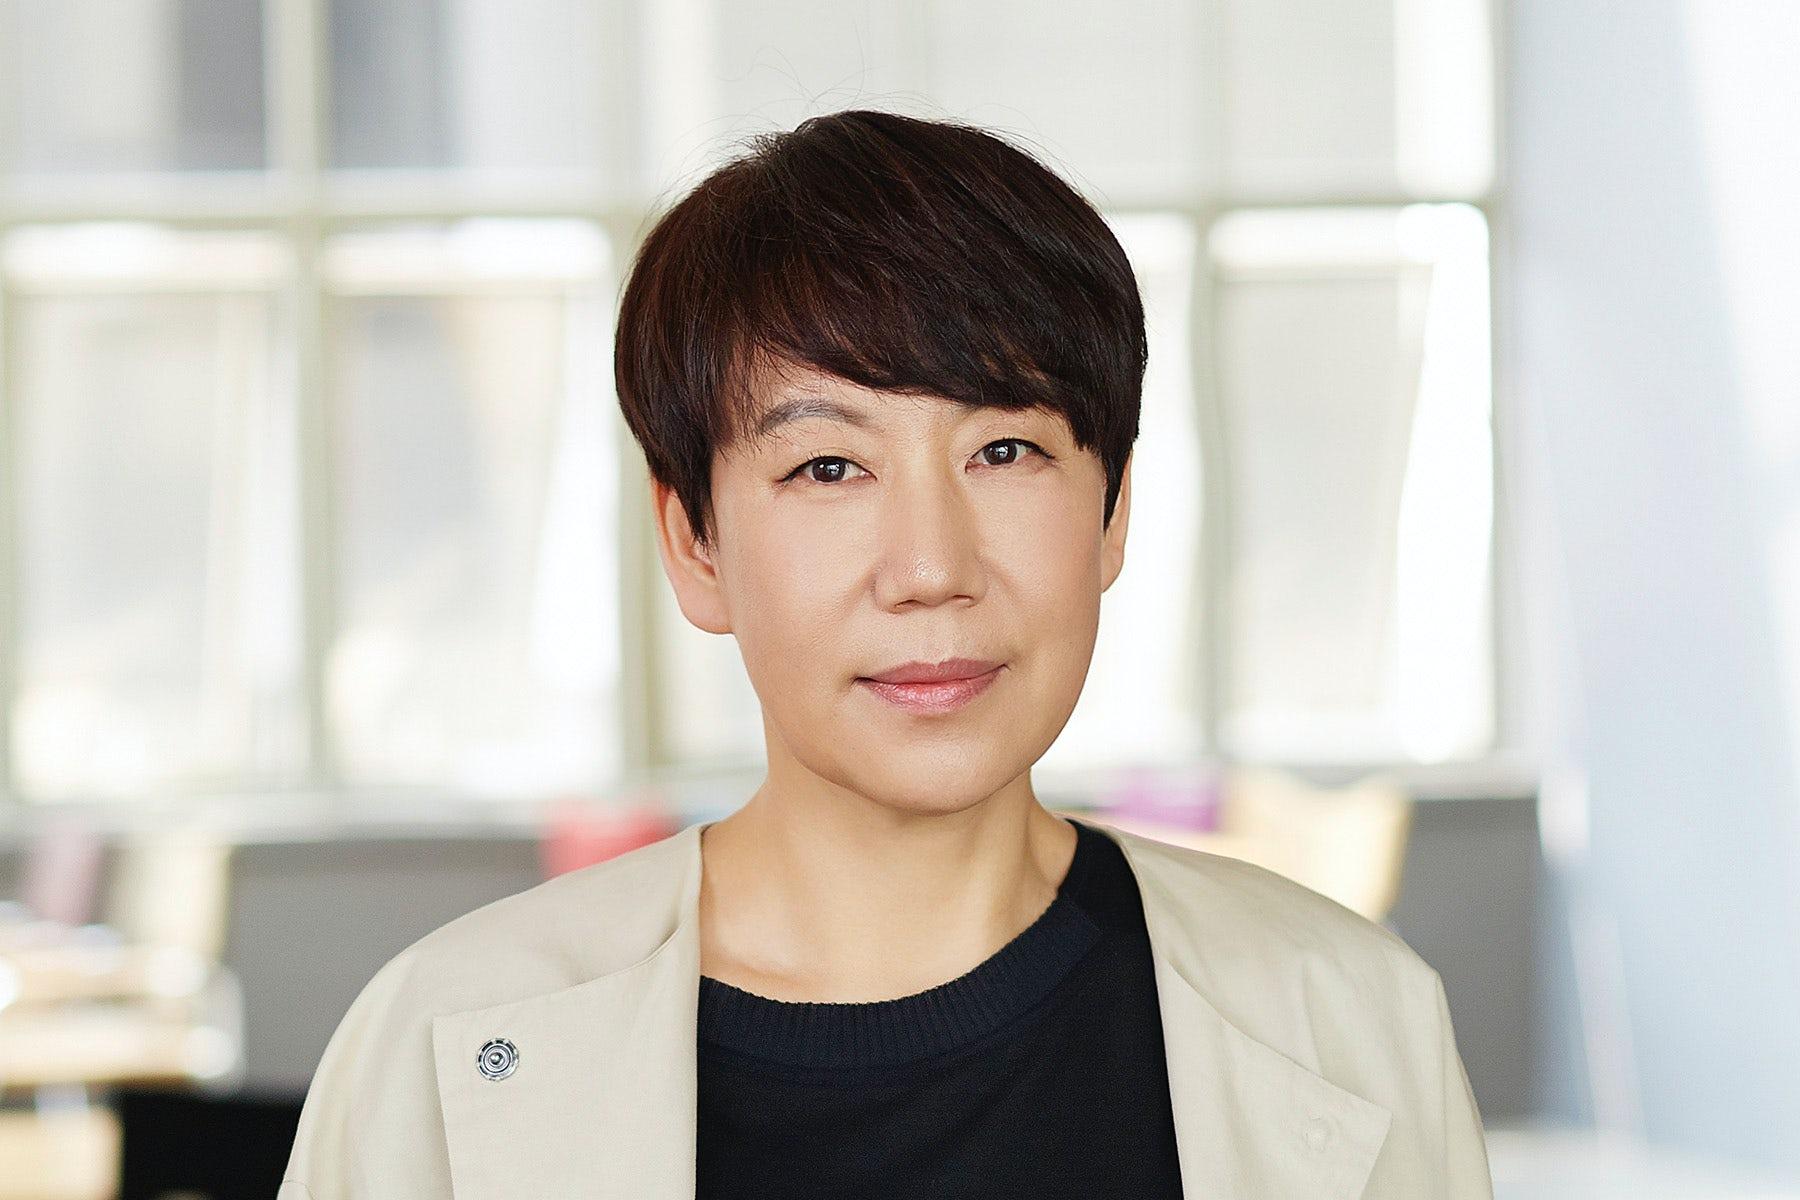 Woo Youngmi   Source: Wooyoungmi